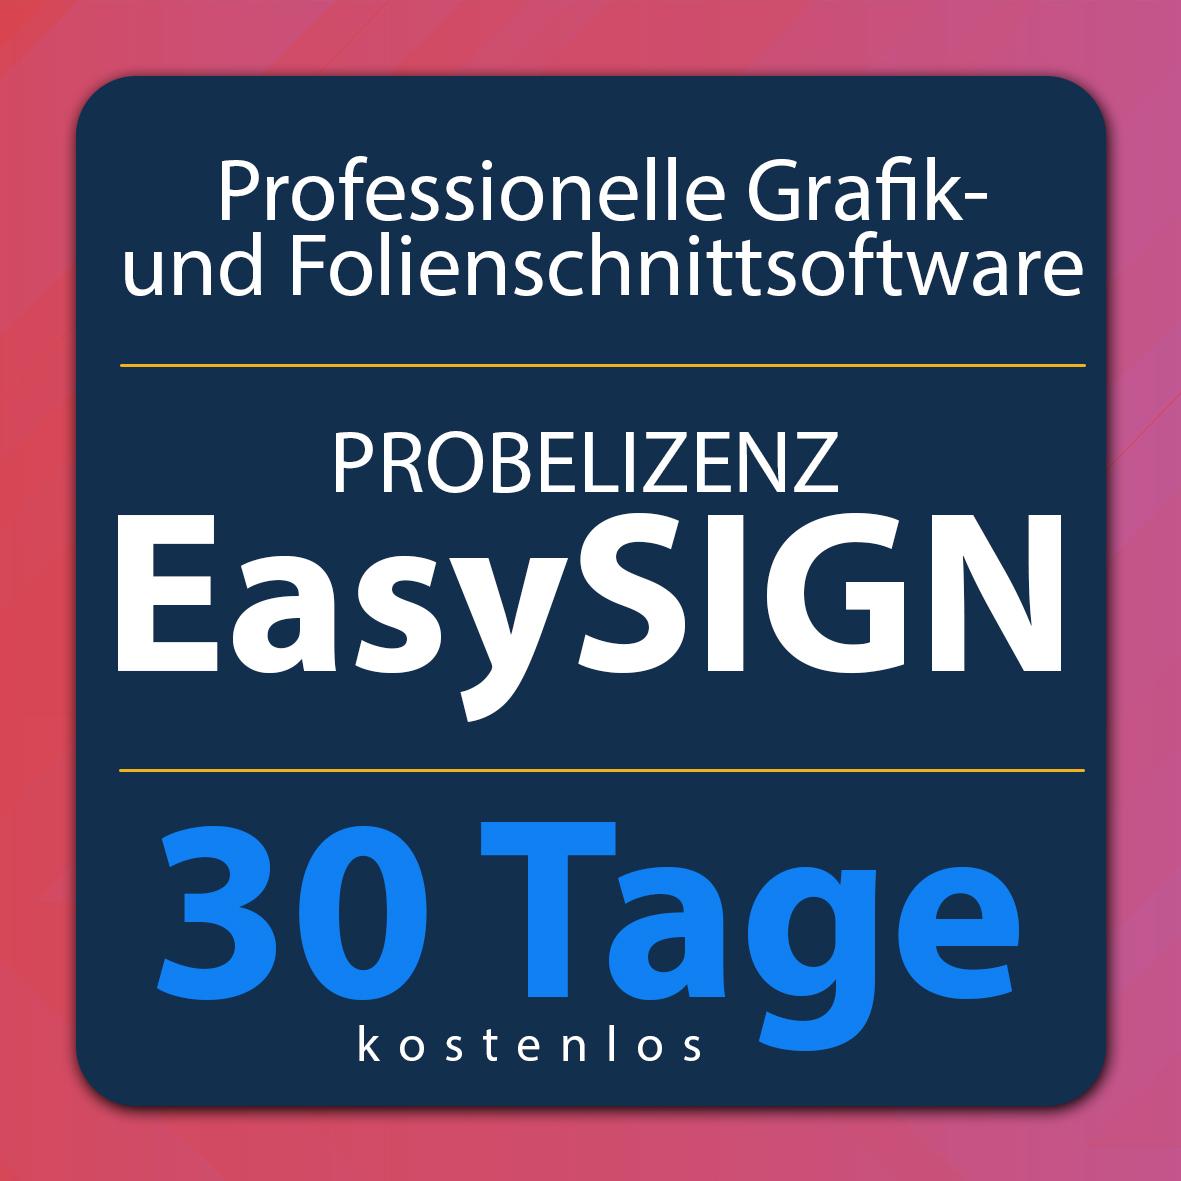 Die 30-Tage EasySIGN-Probelizenz - Professionelle Grafik- und Folienschnittsoftware